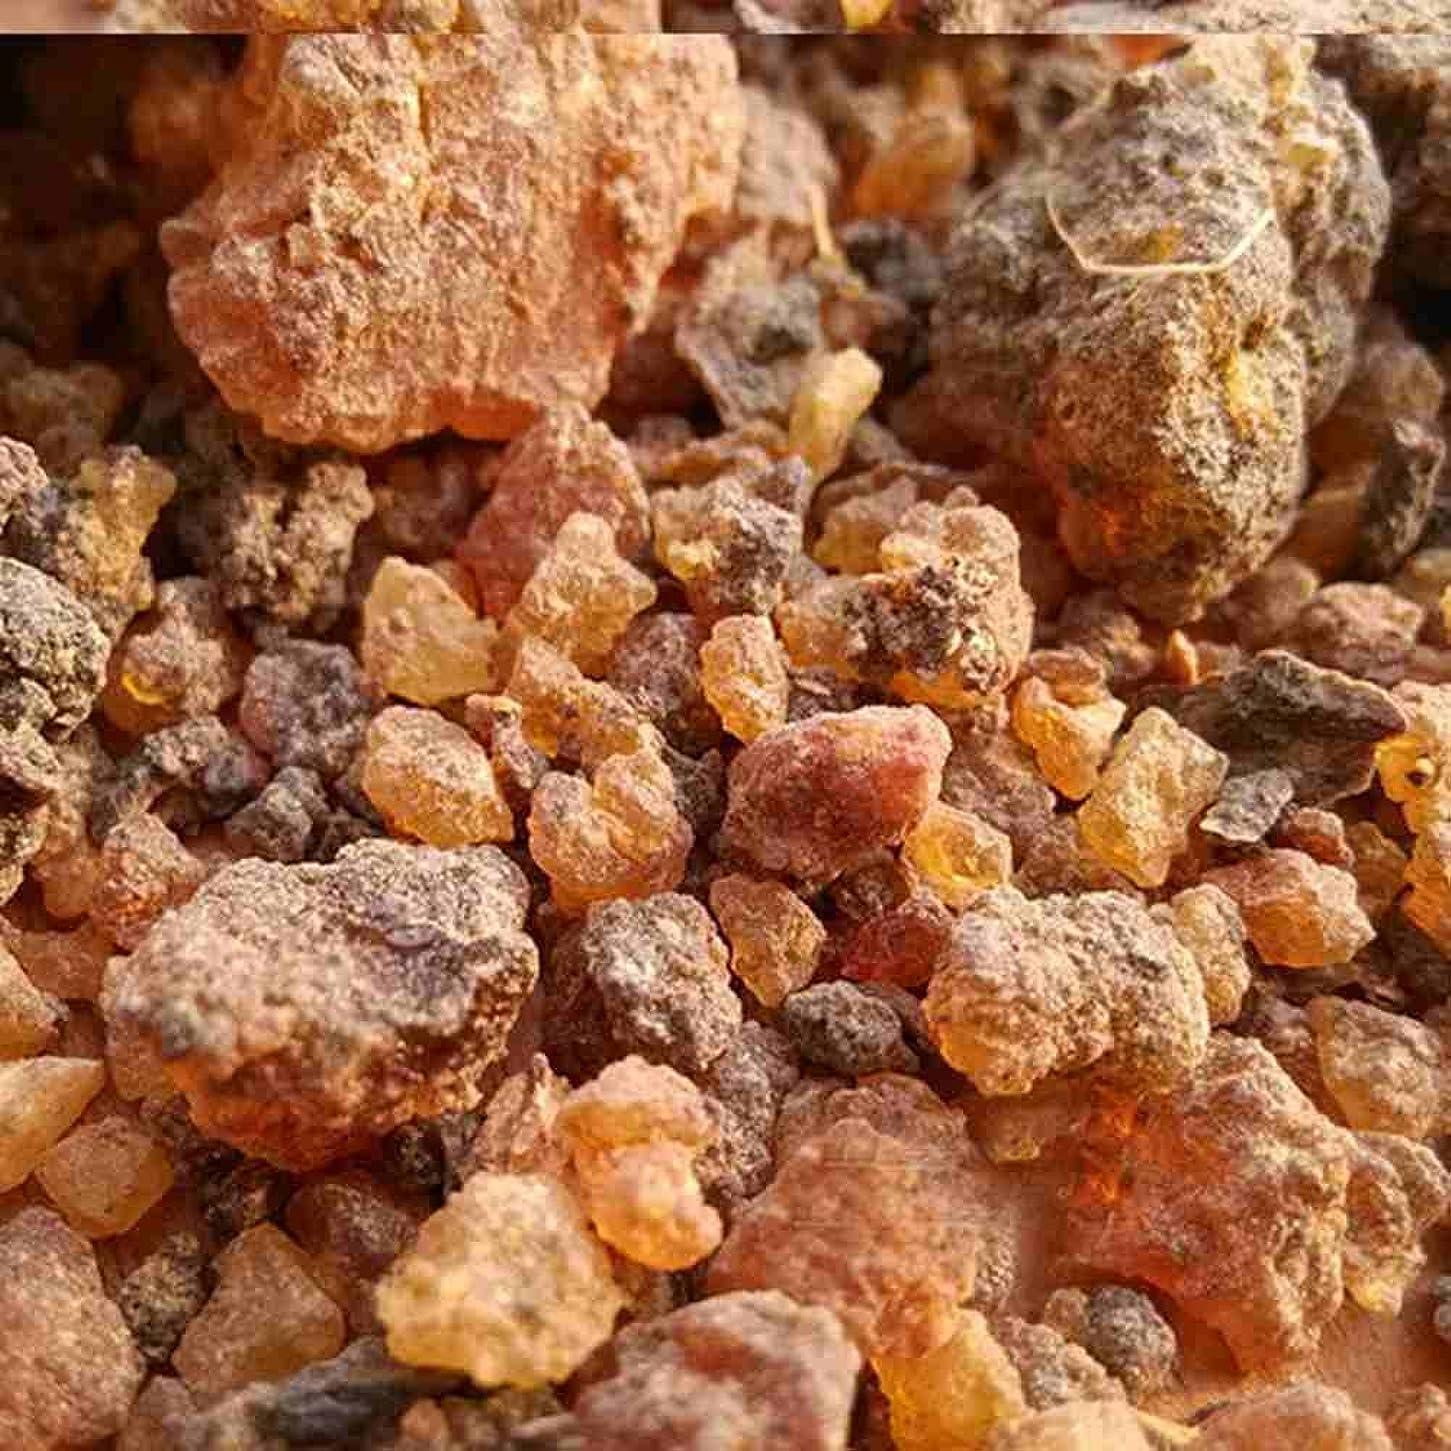 かもしれない回転自動車ミルラ樹脂 – 100%純オーガニック乳香樹脂 – 有機没薬 – 0.22ポンド(100 g)Kenya Myrrh Resin – Earthwise Aromatics